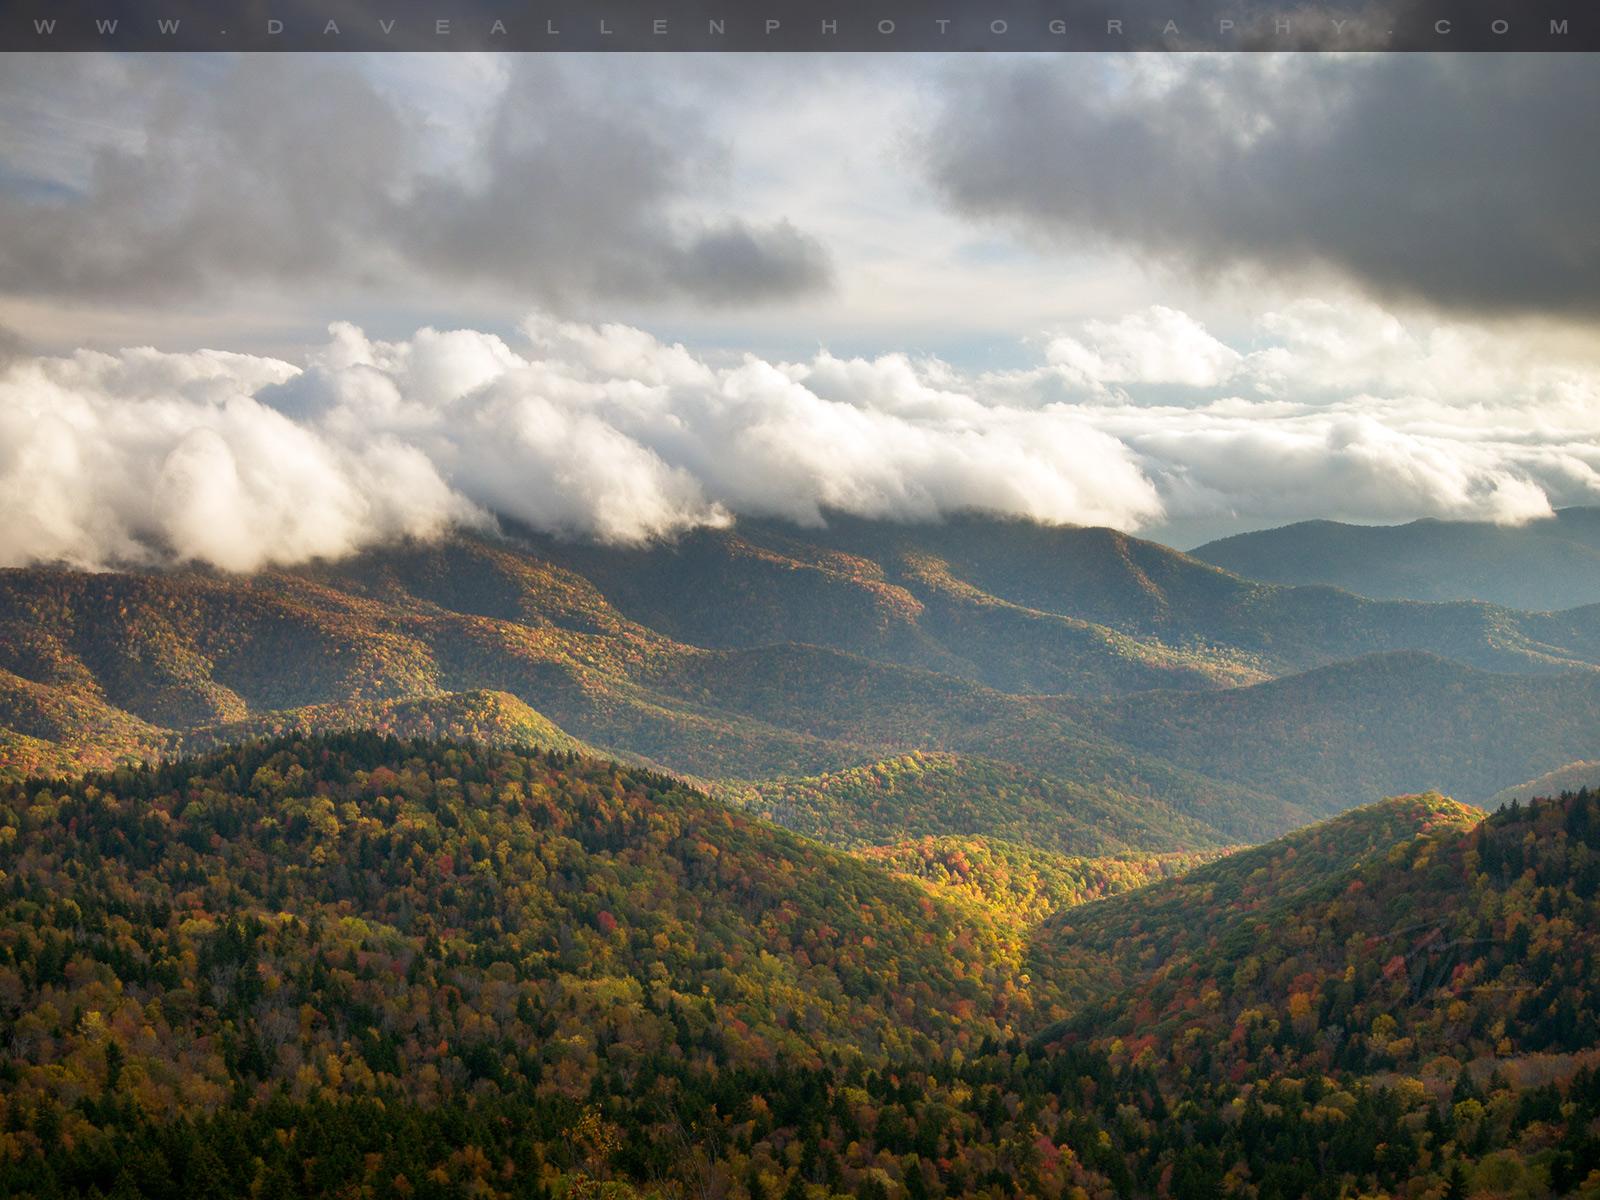 ridge mountains pinterest - photo #21